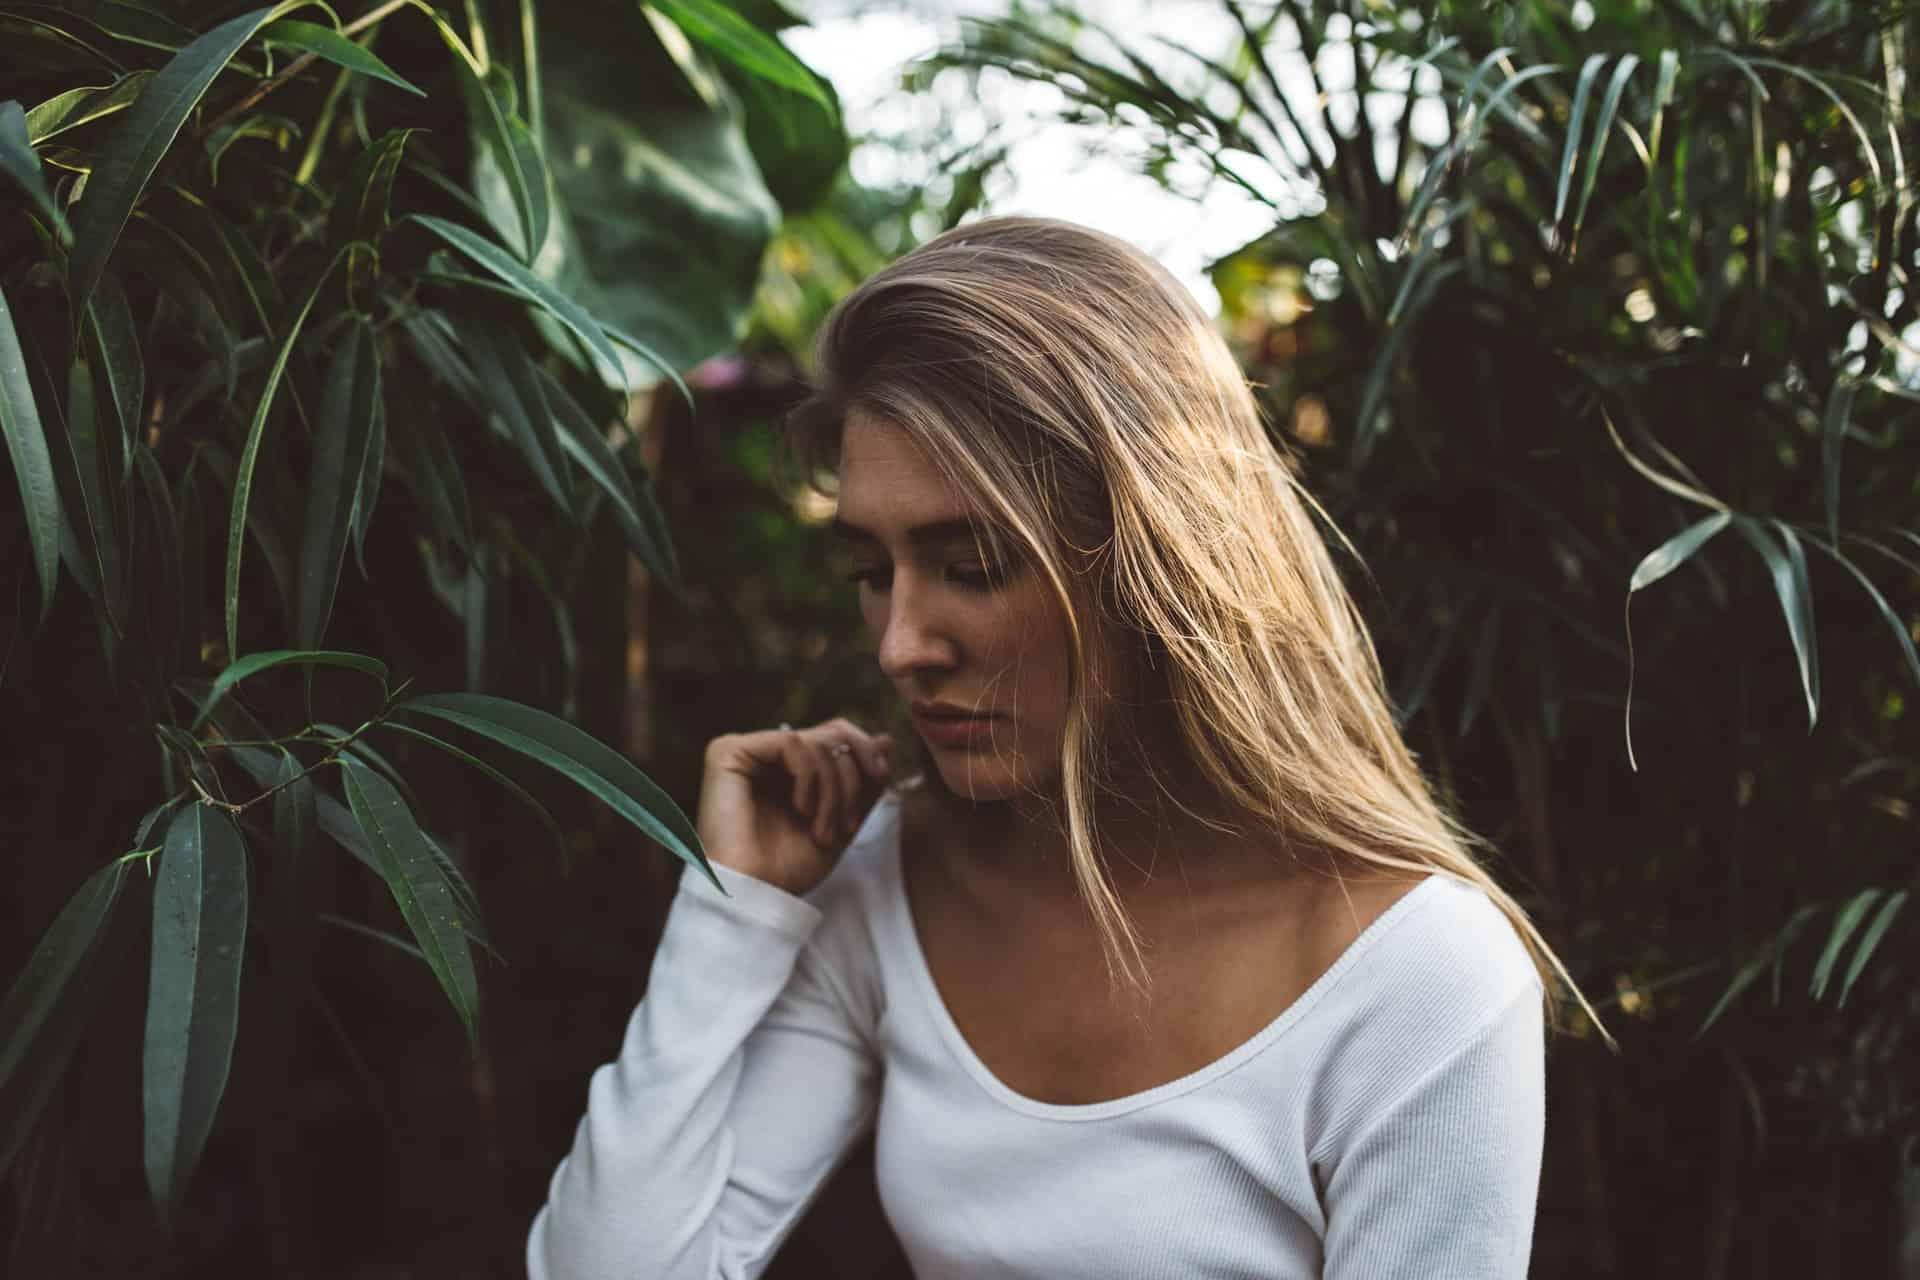 une femme aux cheveux blonds se tient à côté d'un saule